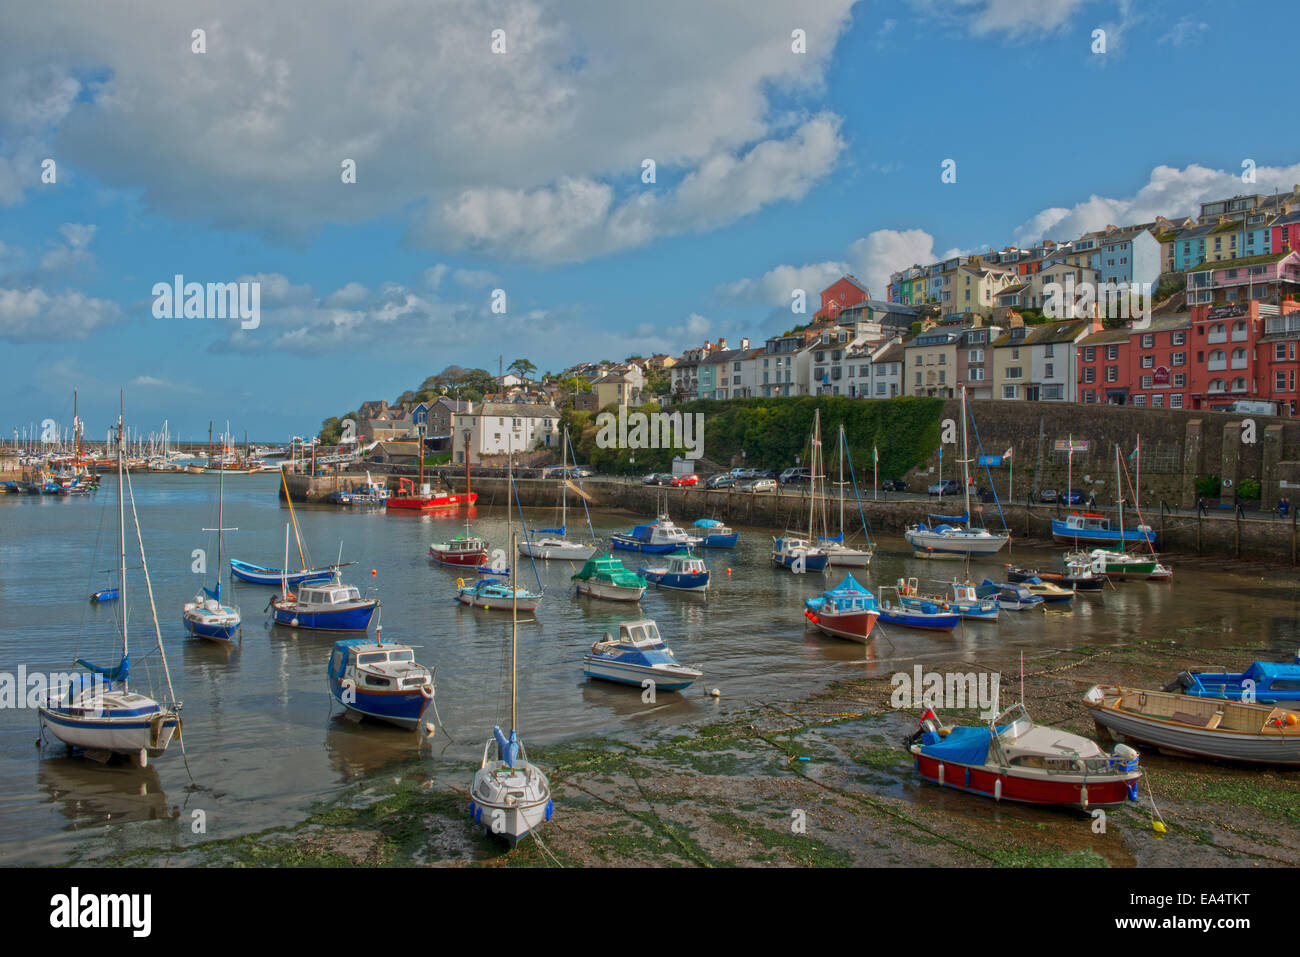 Hafen von Brixham, Torbay, Devon, Südwest-England, Uk. Stockbild